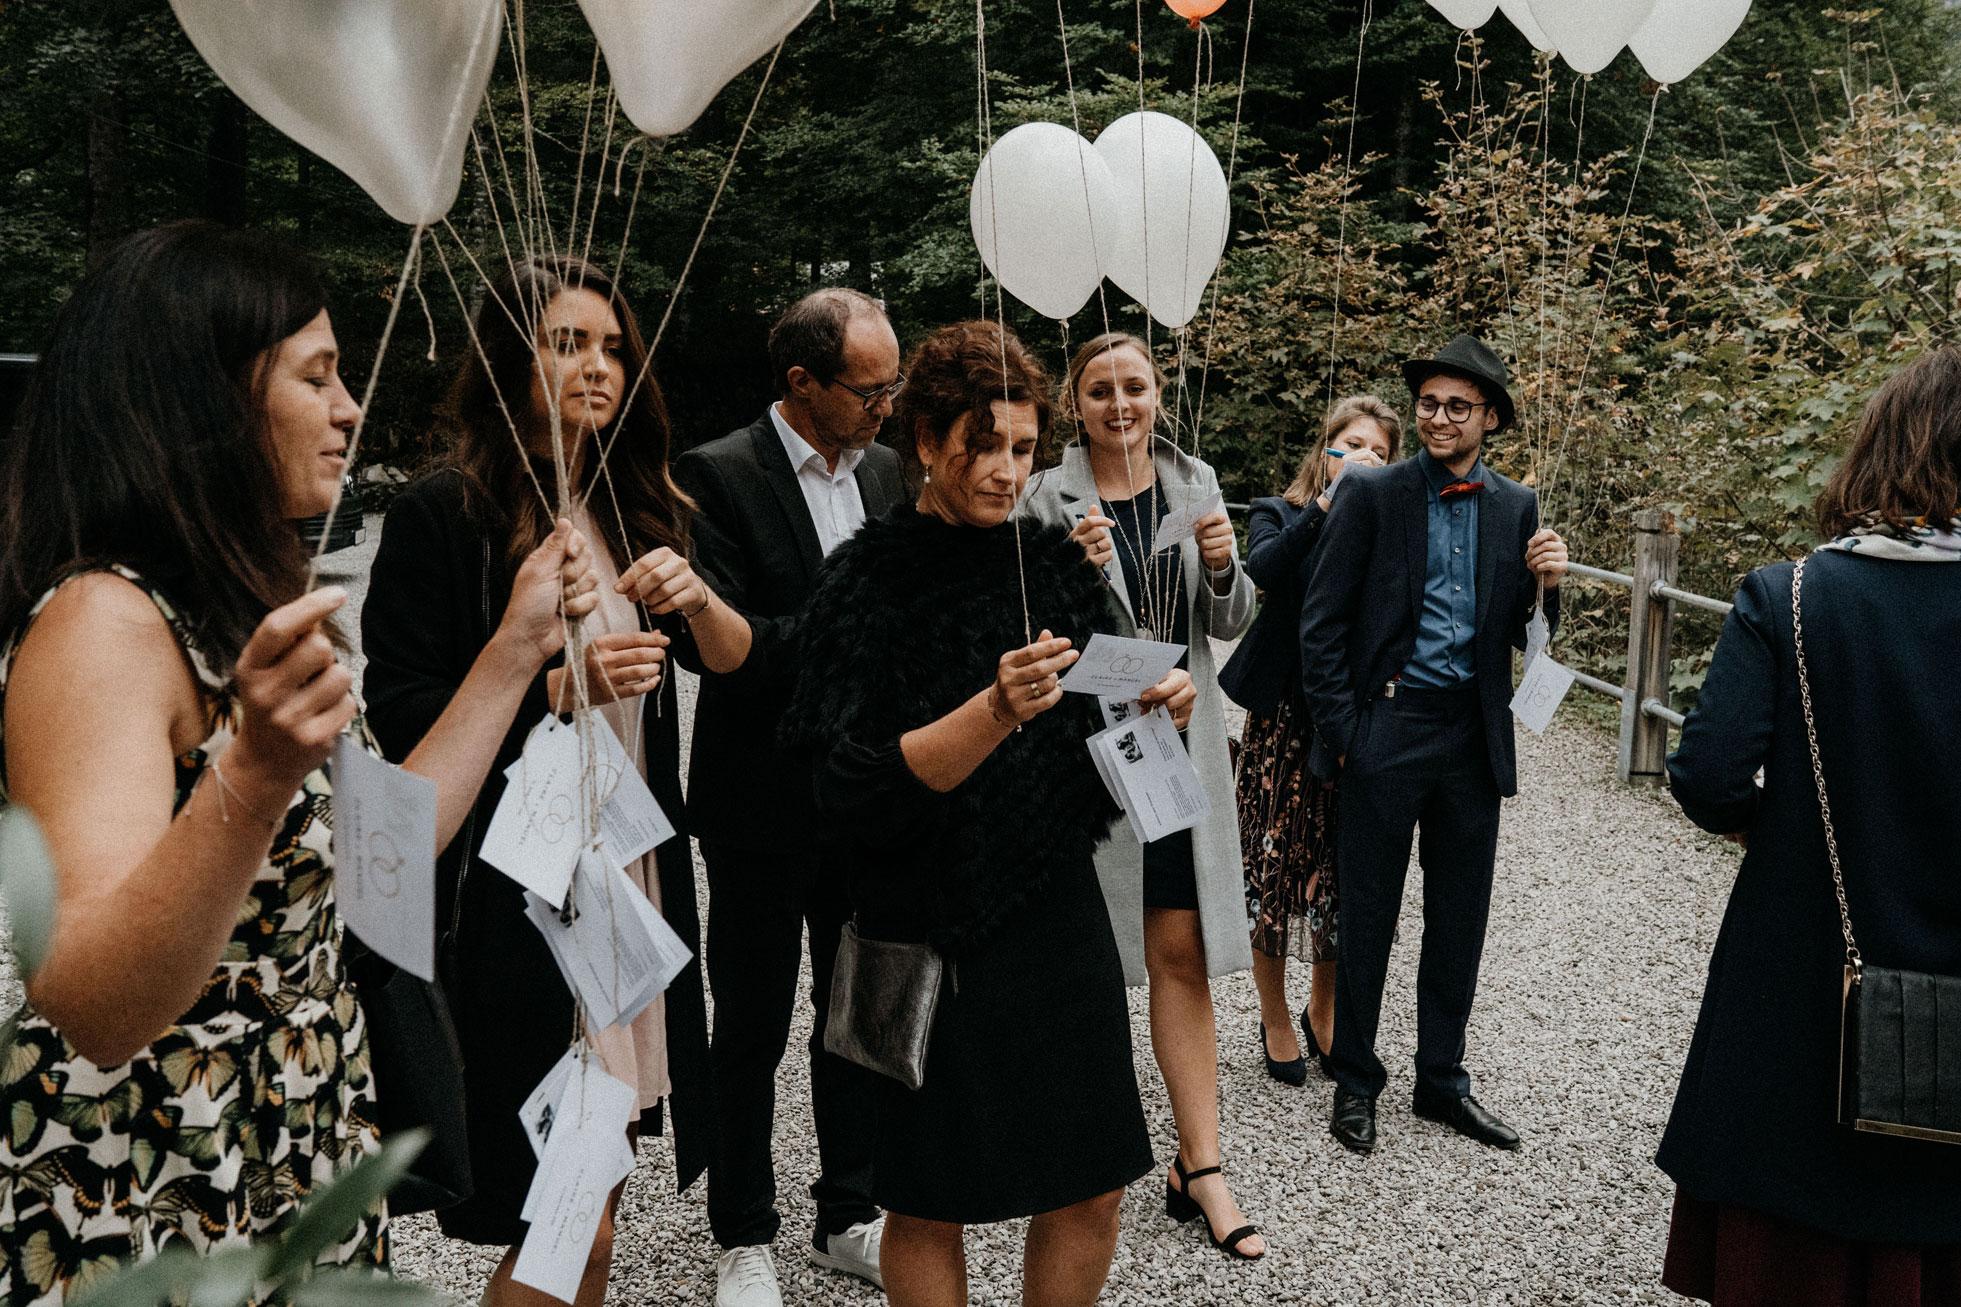 Hochzeit_Claire_Manuel_Villa_Maund_Daniel_Jenny-428.jpg